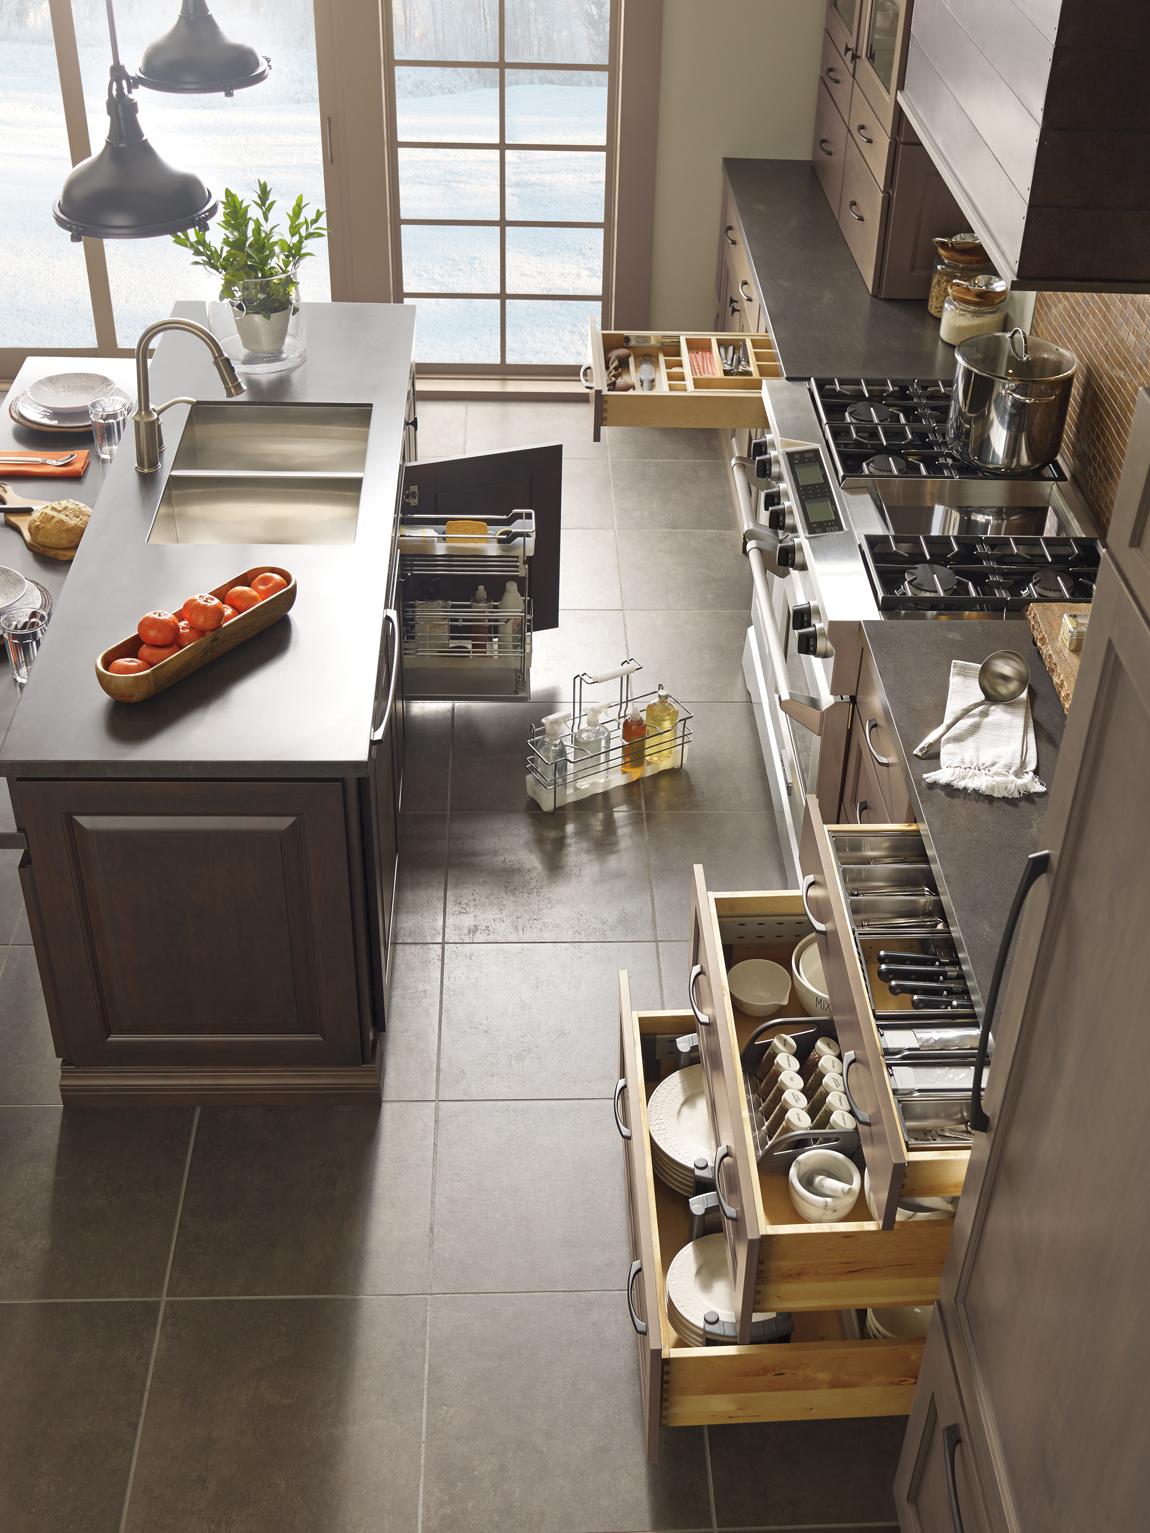 Decora Kitchen Cabinets Accessories